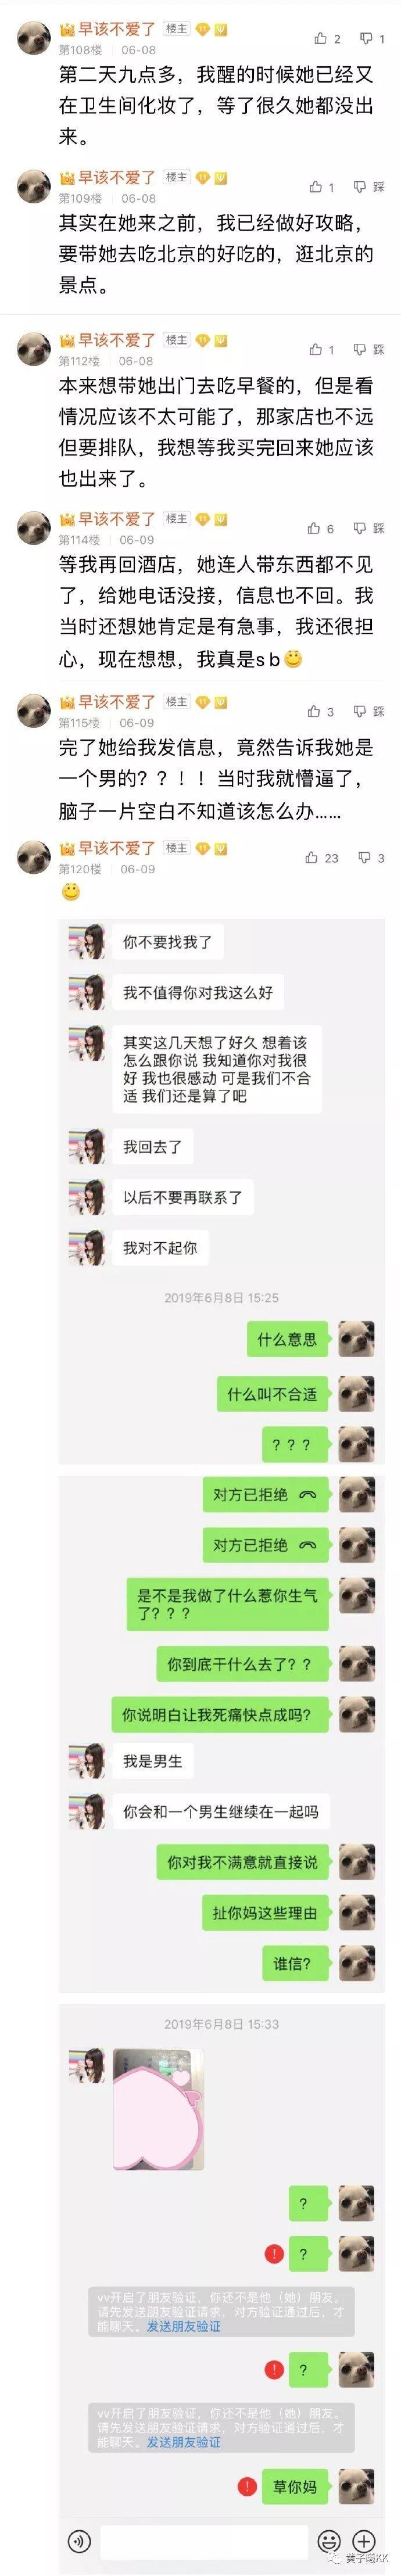 网恋了2年的女神花了10w后,奔现却发现对方是个女装大佬?!